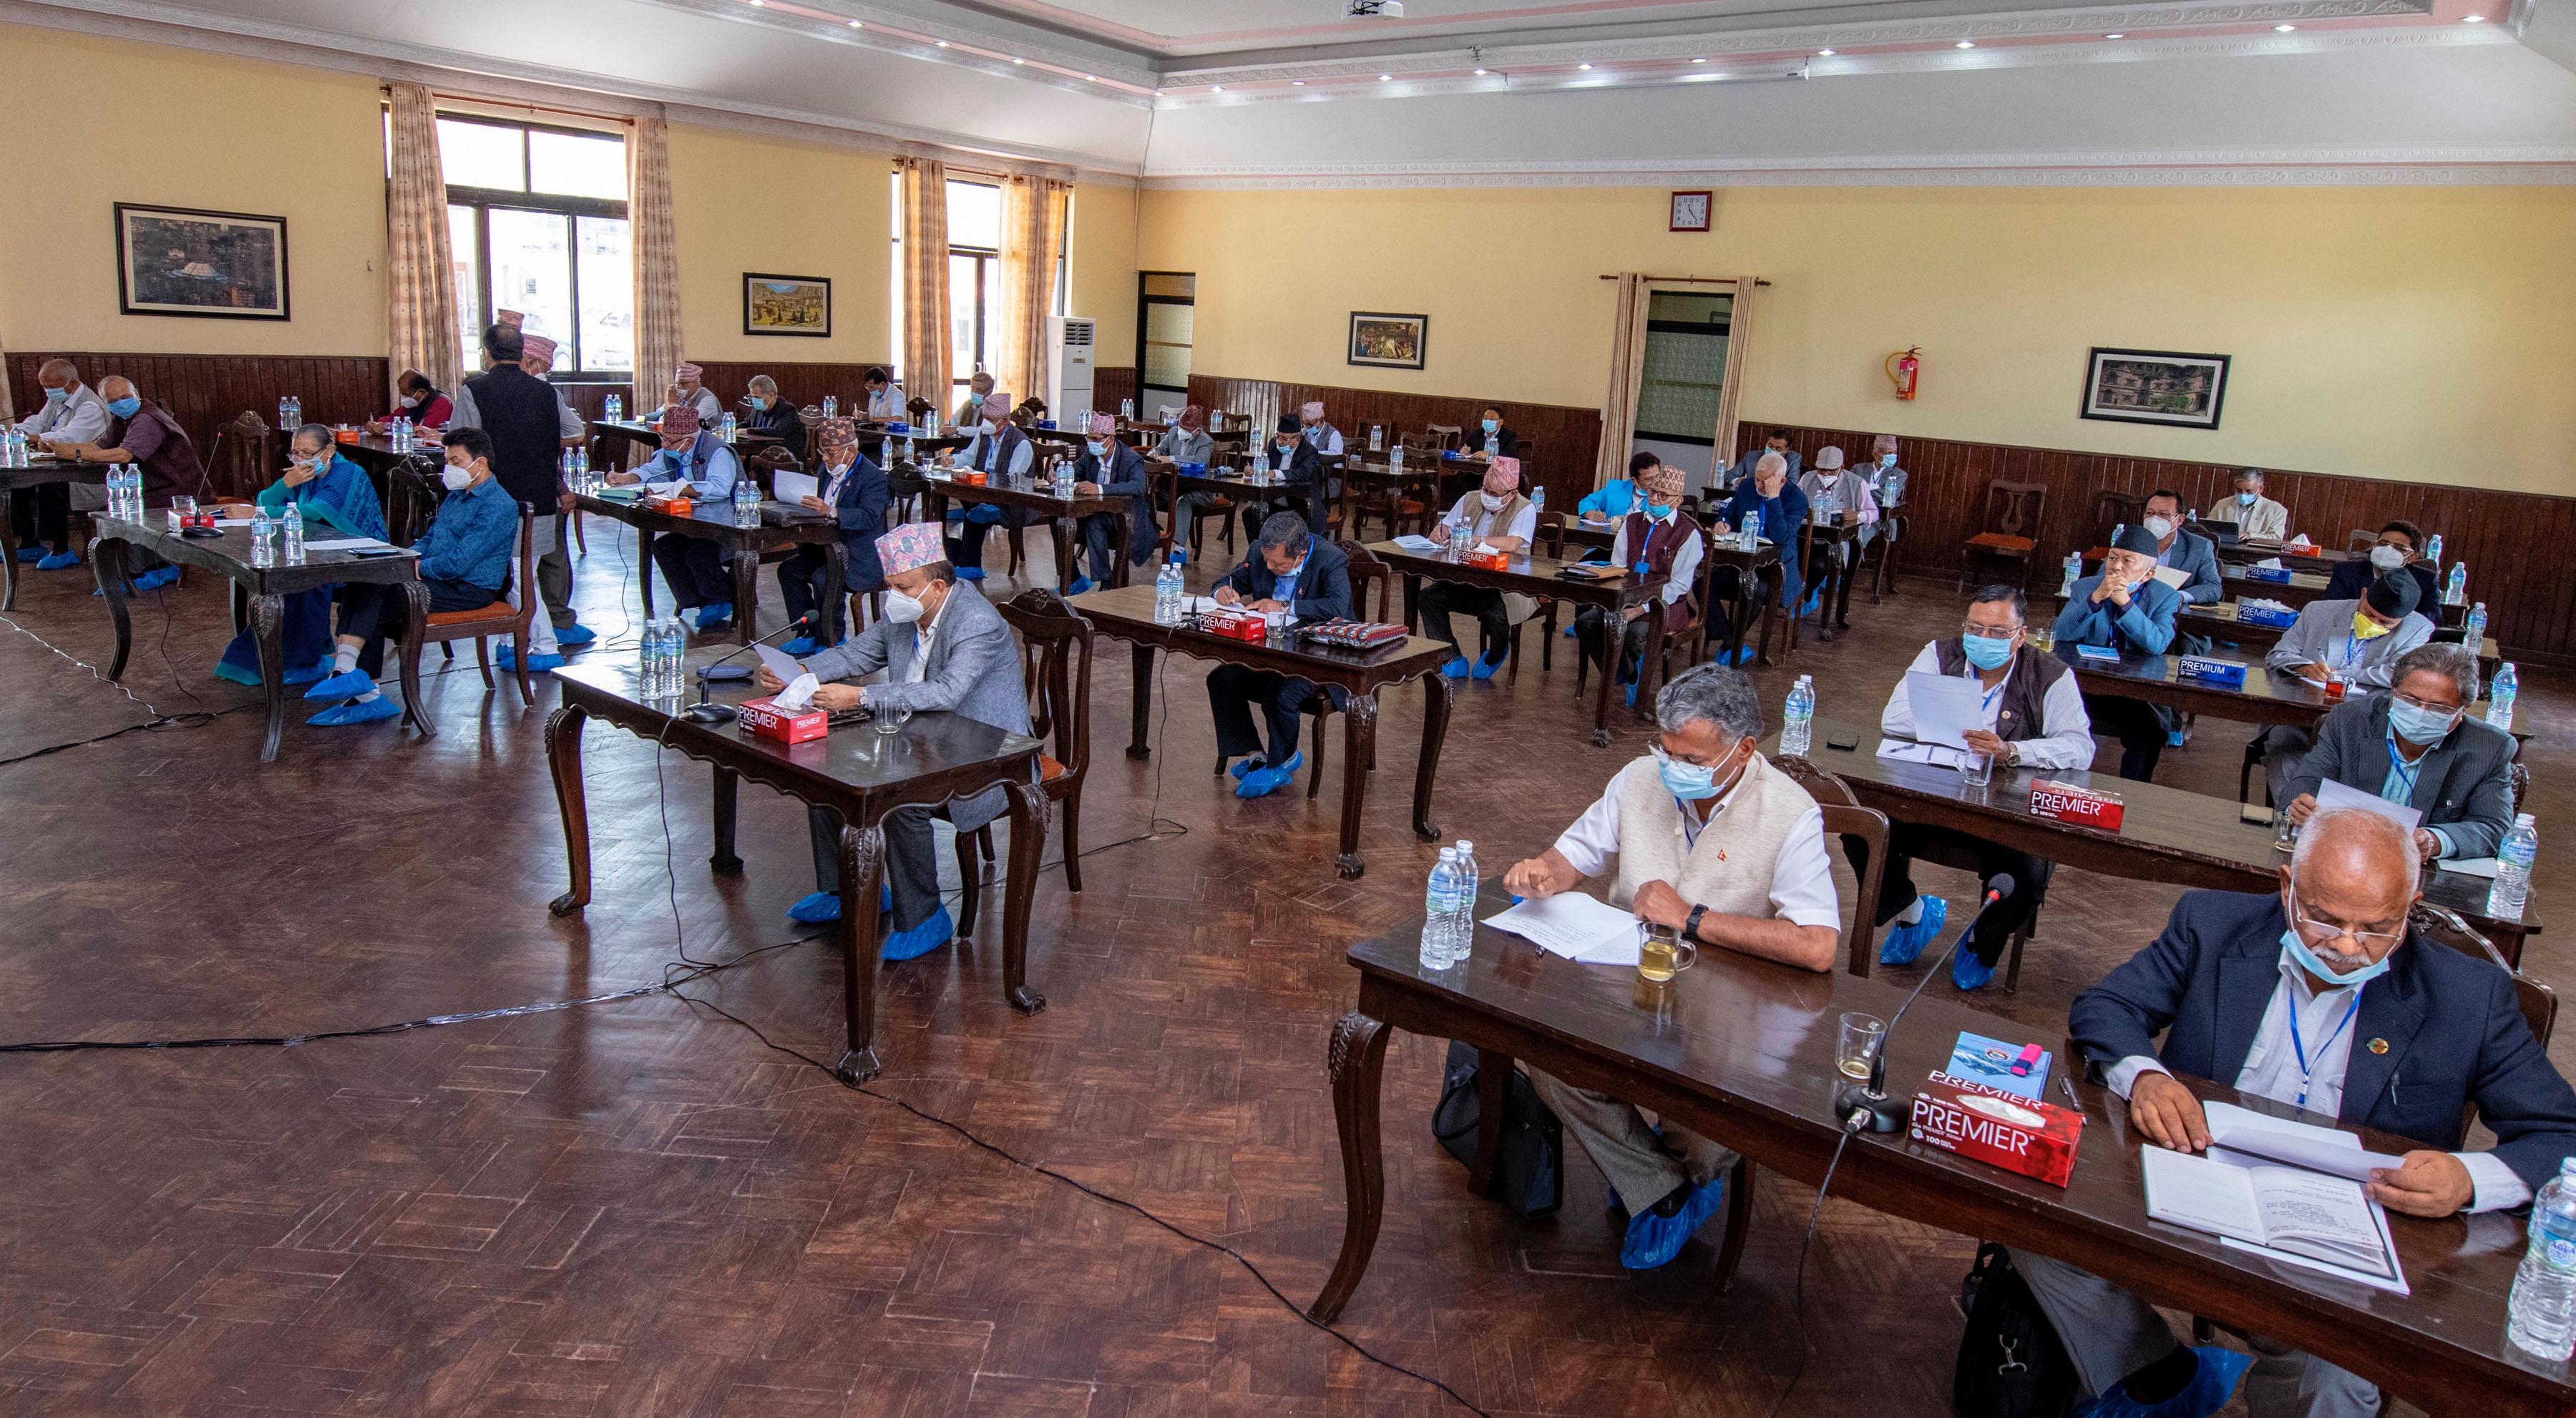 सीमा रक्षक जनताको विकासमा ध्यान दिन नेकपा नेताको सुझाव